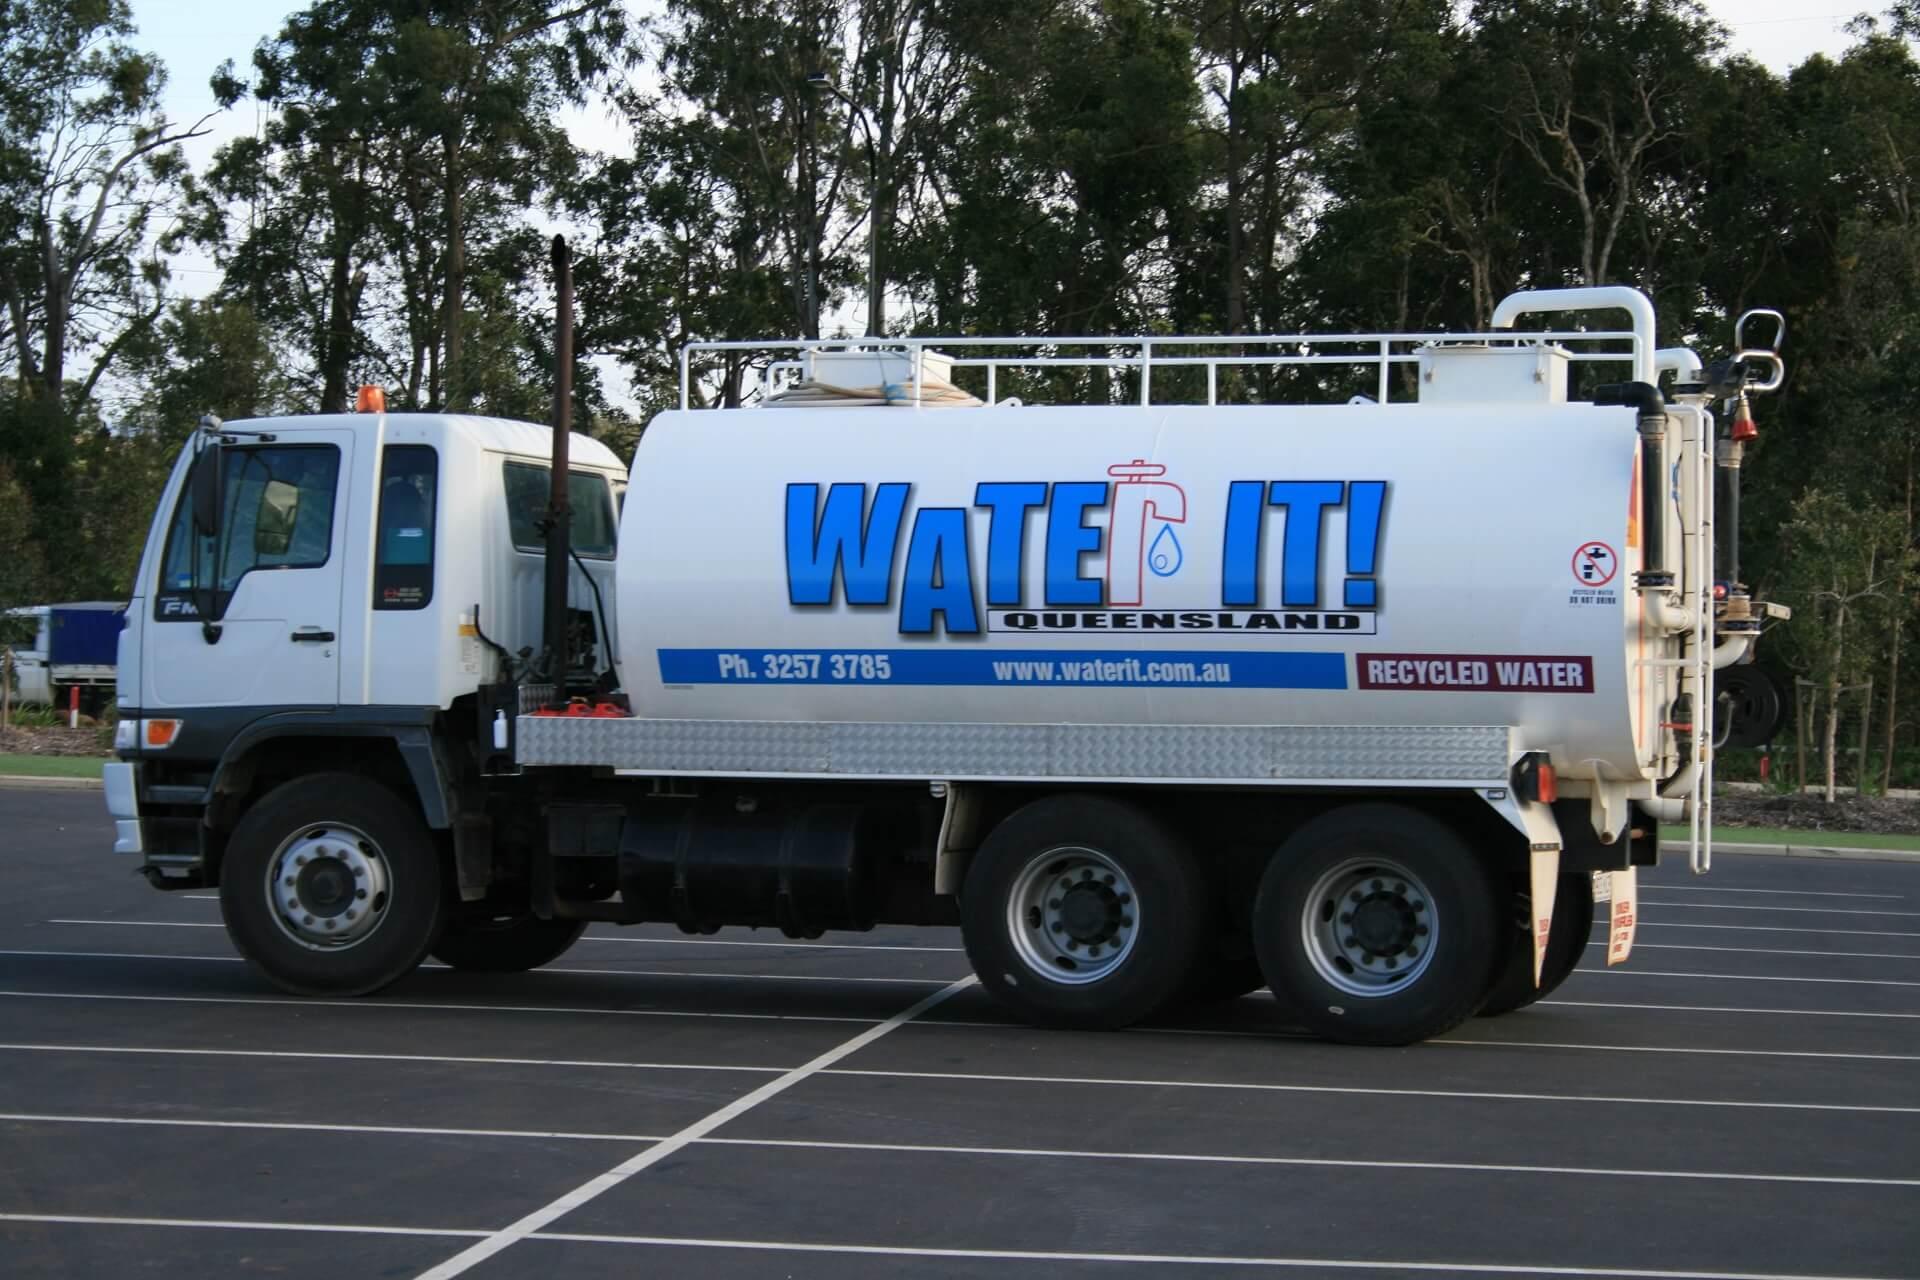 Water It Truck side view